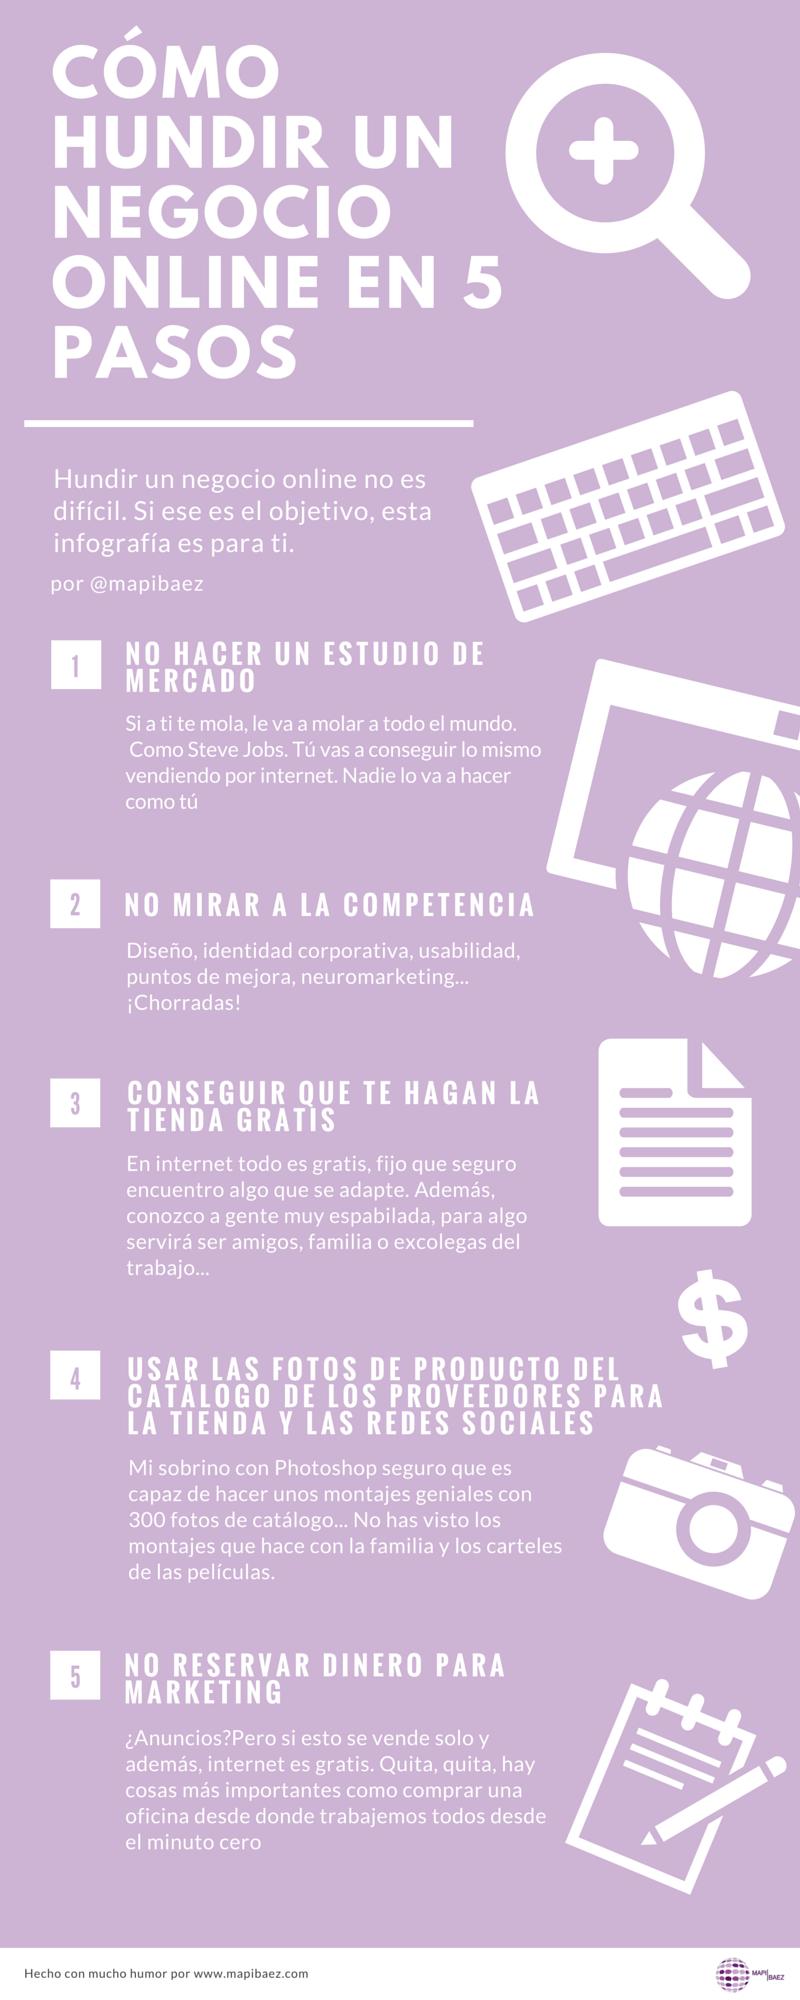 Cómo hundir un negocio online en 5 pasos infografía